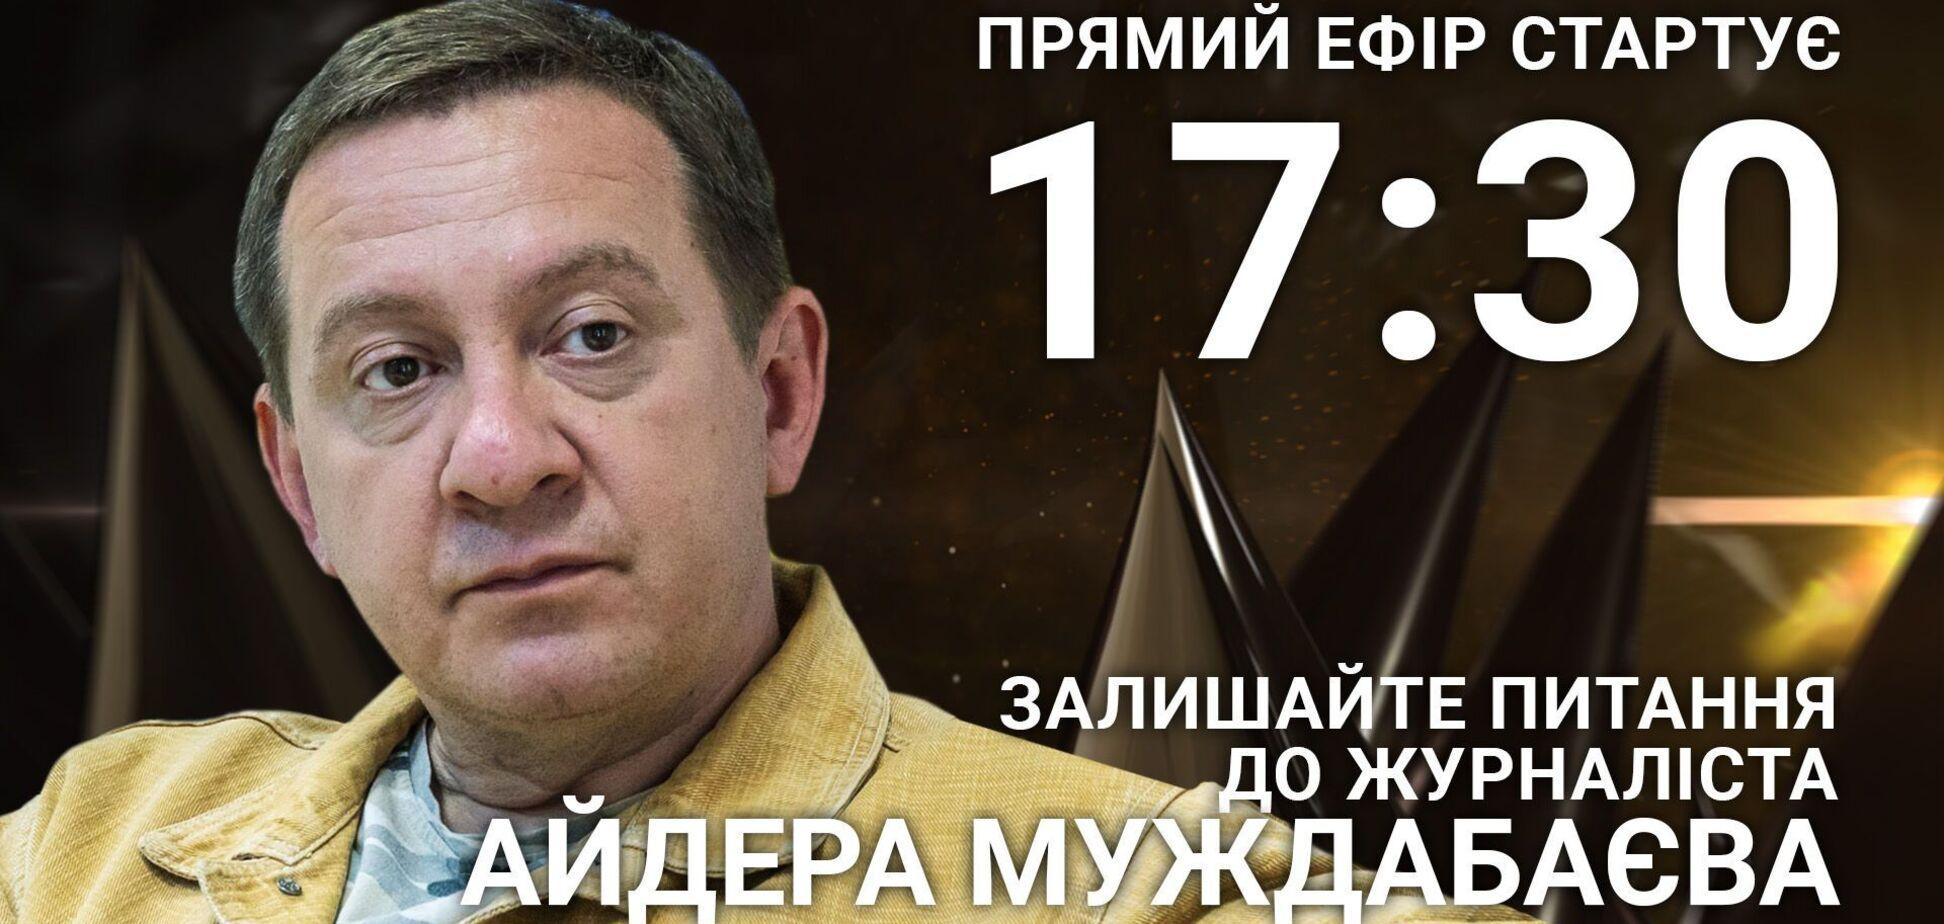 Айдер Муждабаєв: поставте журналісту гостре питання